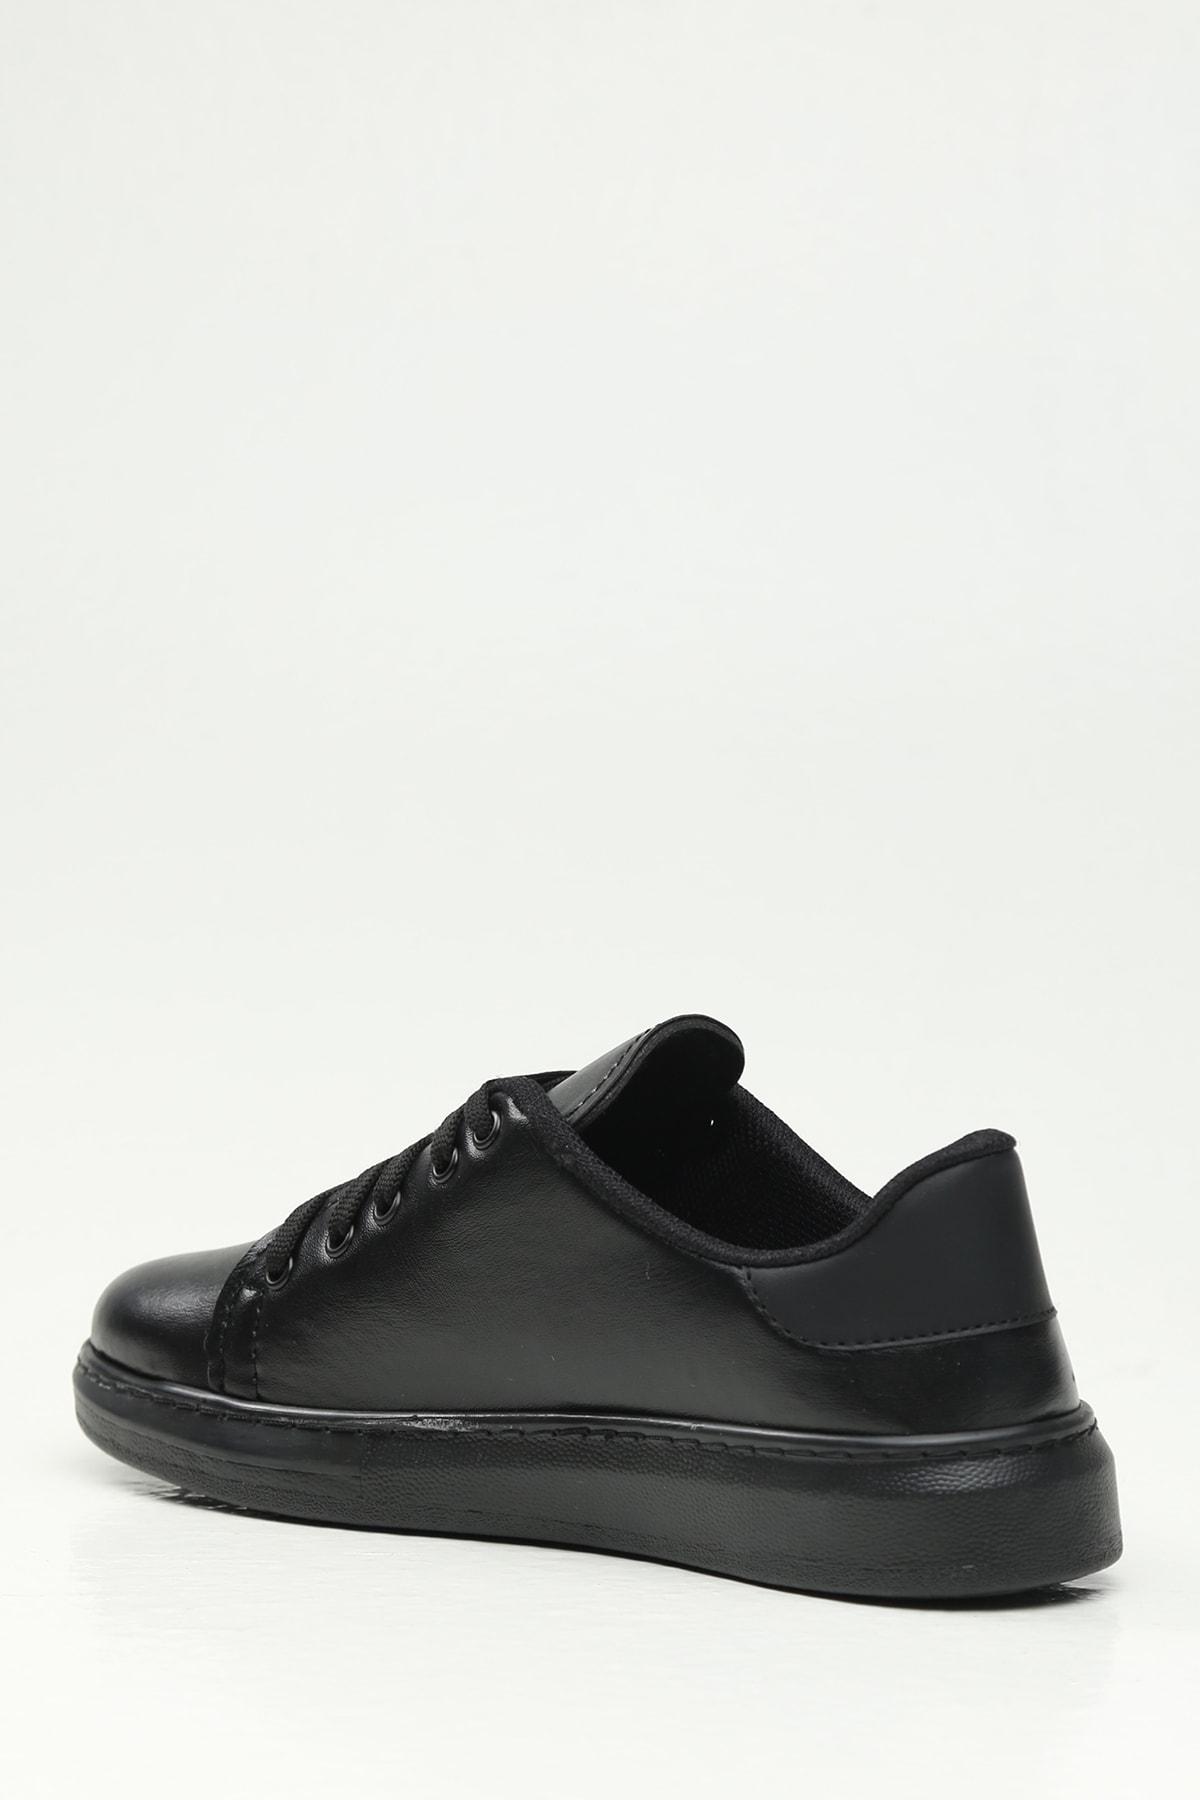 Ayakkabı Modası Siyah-Siyah Kadın Casual Ayakkabı BM-4000-19-110001 2